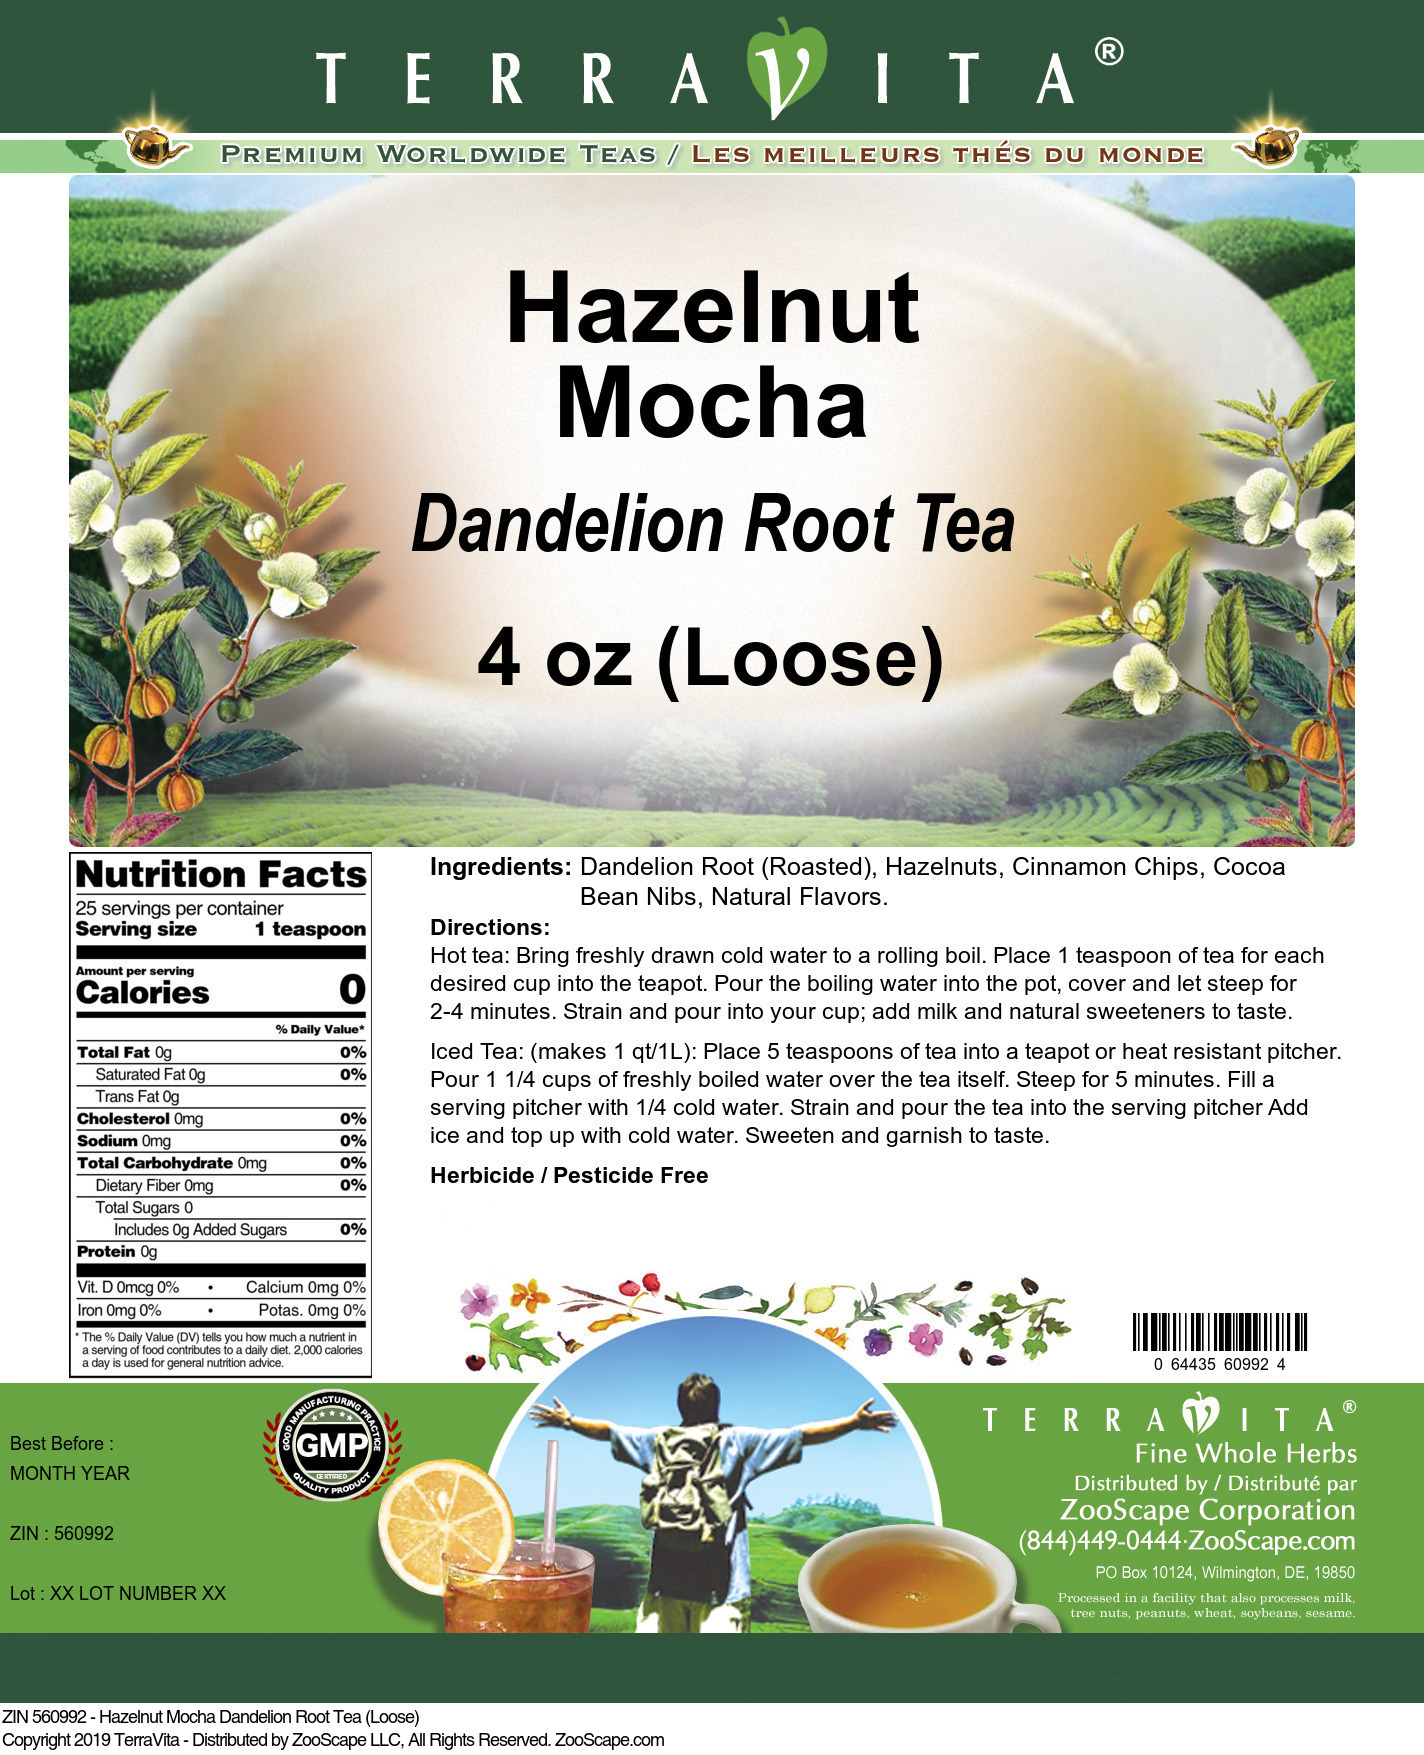 Hazelnut Mocha Dandelion Root Tea (Loose)